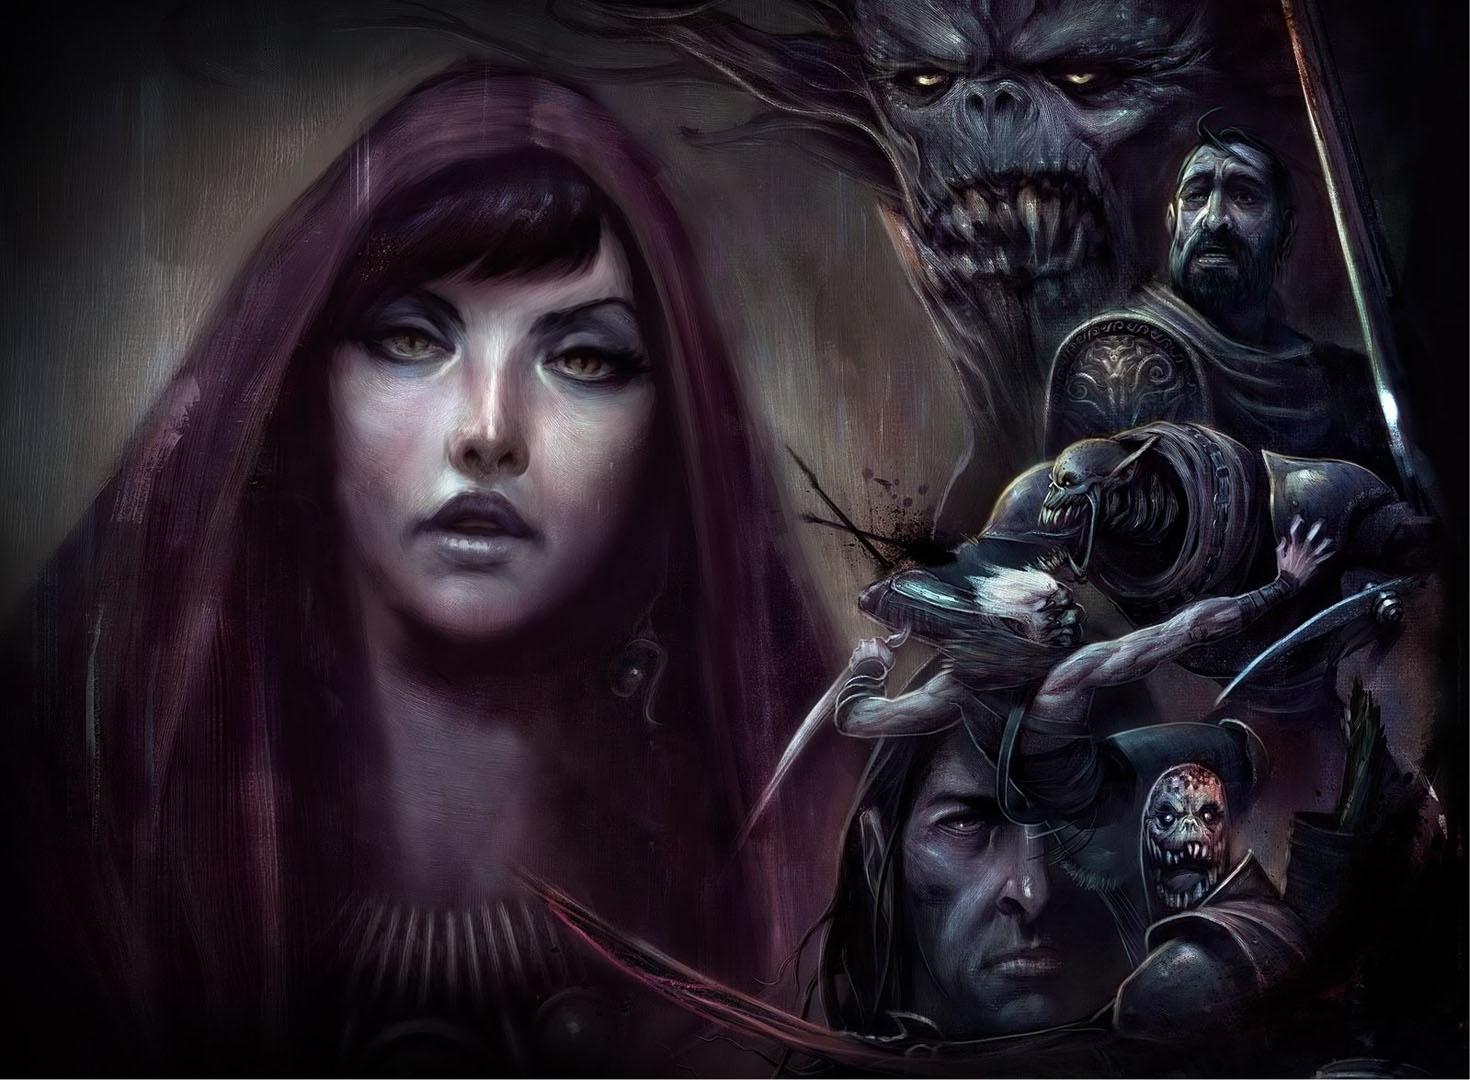 Morrigan The Dark Mage